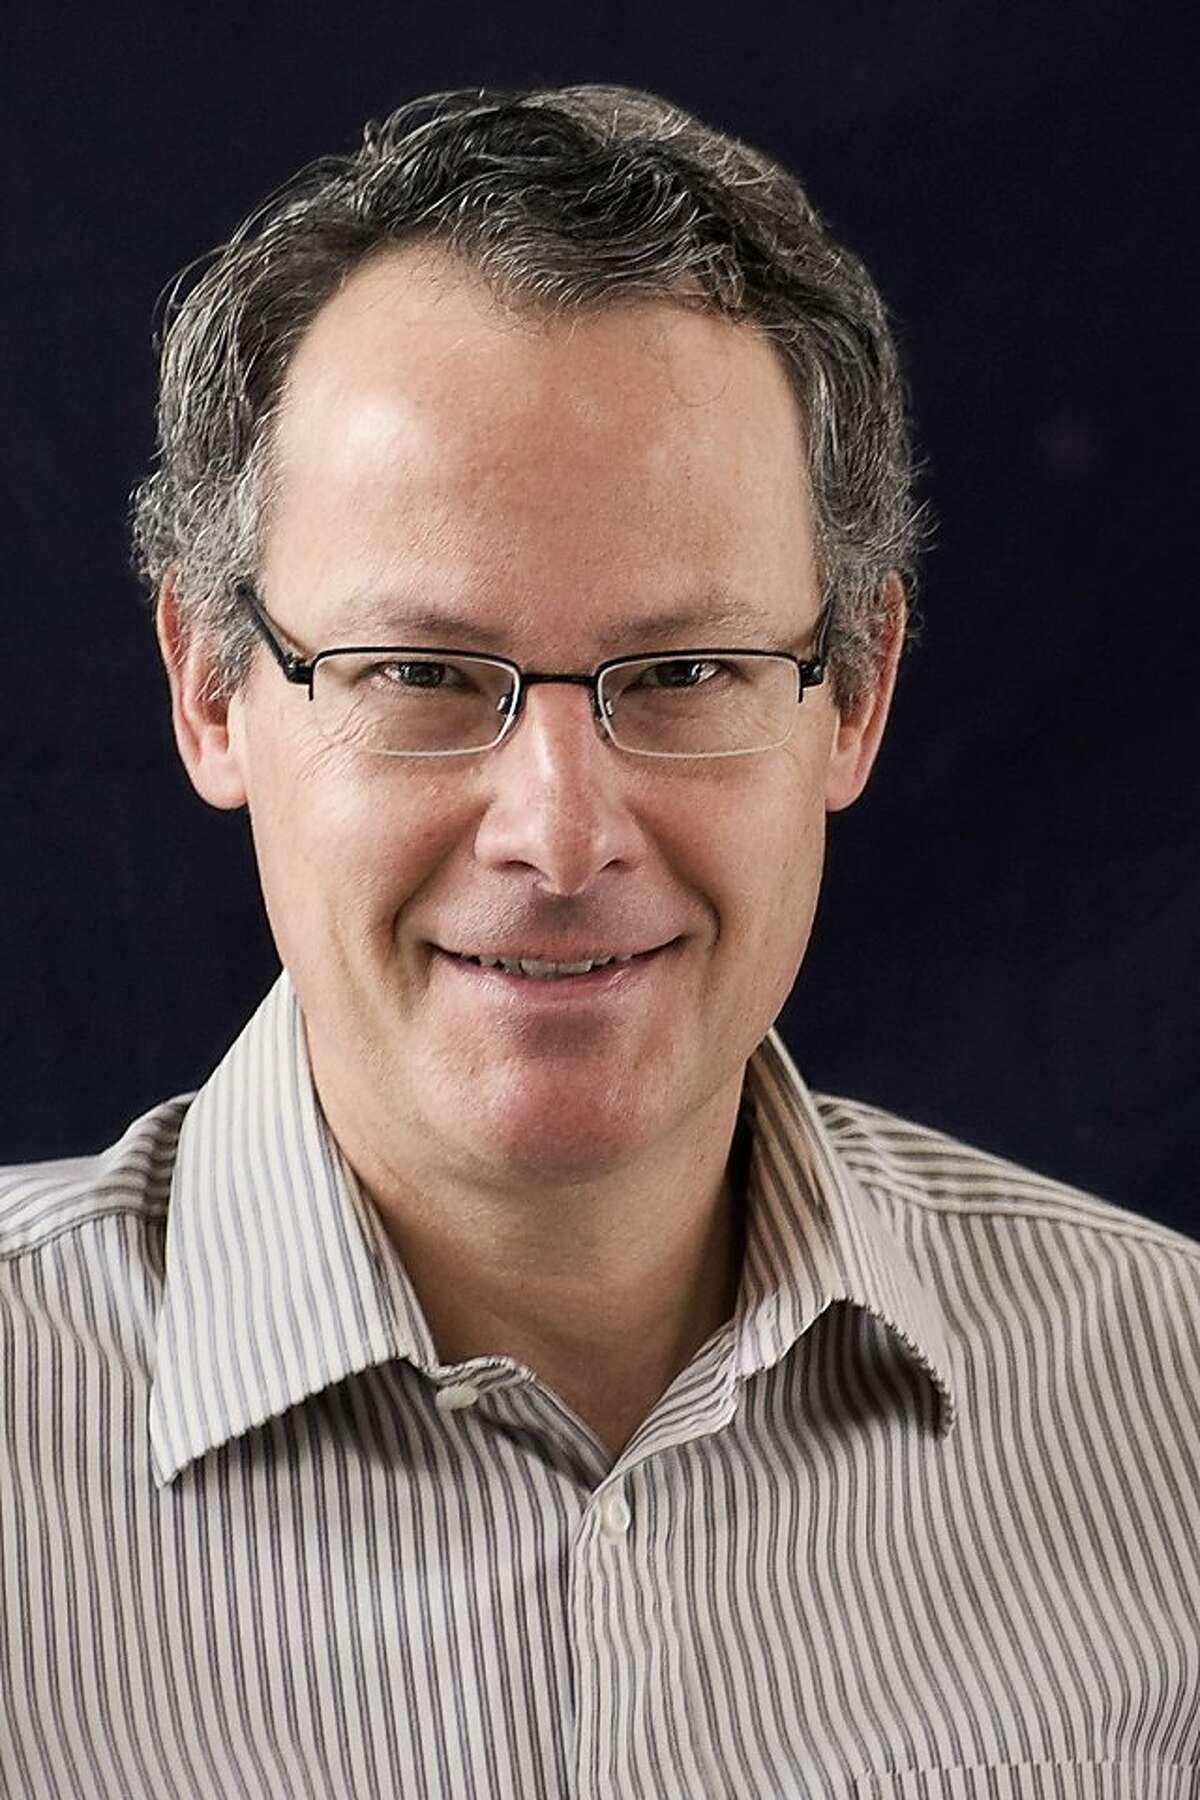 Nicholas Carr, author of